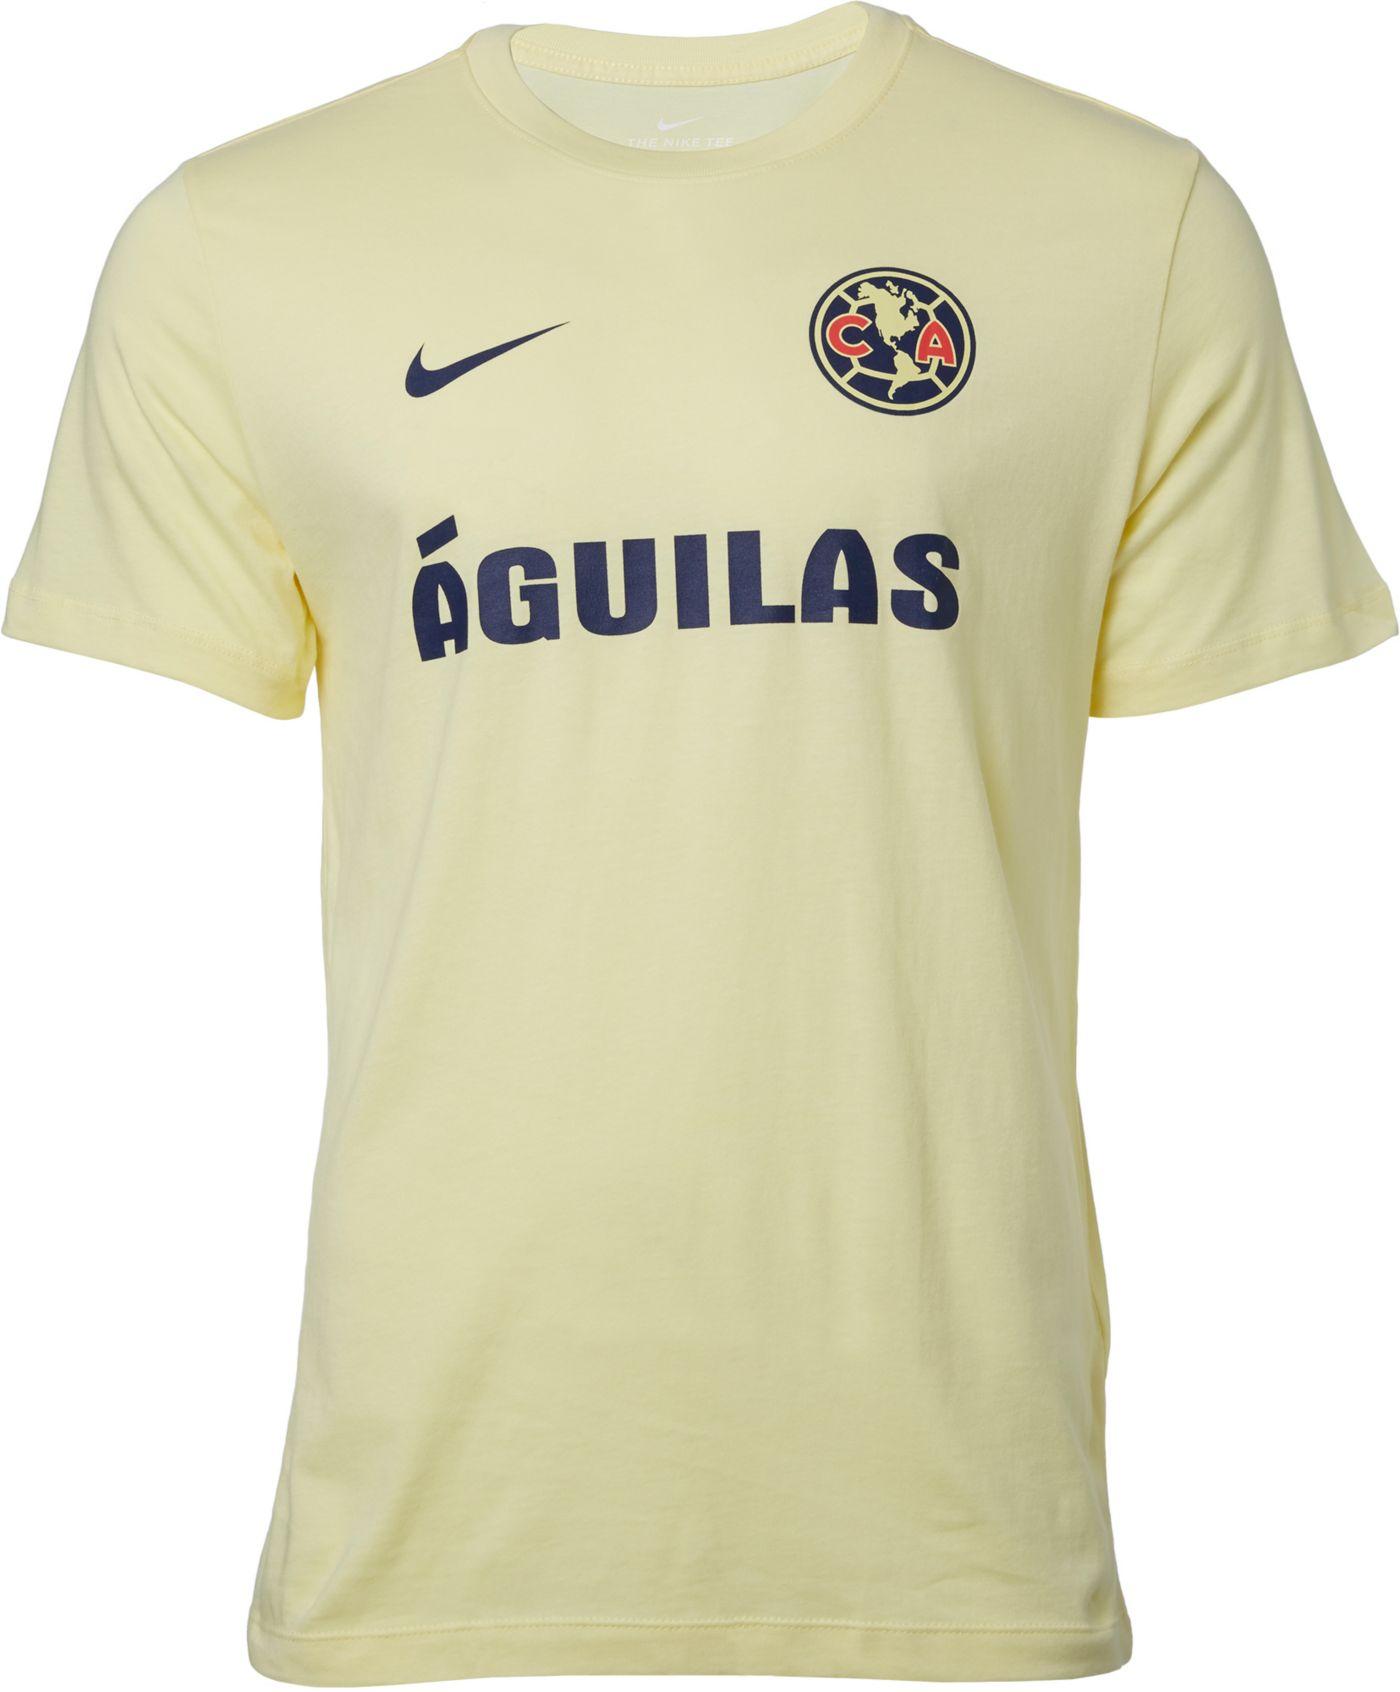 Nike Men's Club America Core Yellow Match T-Shirt